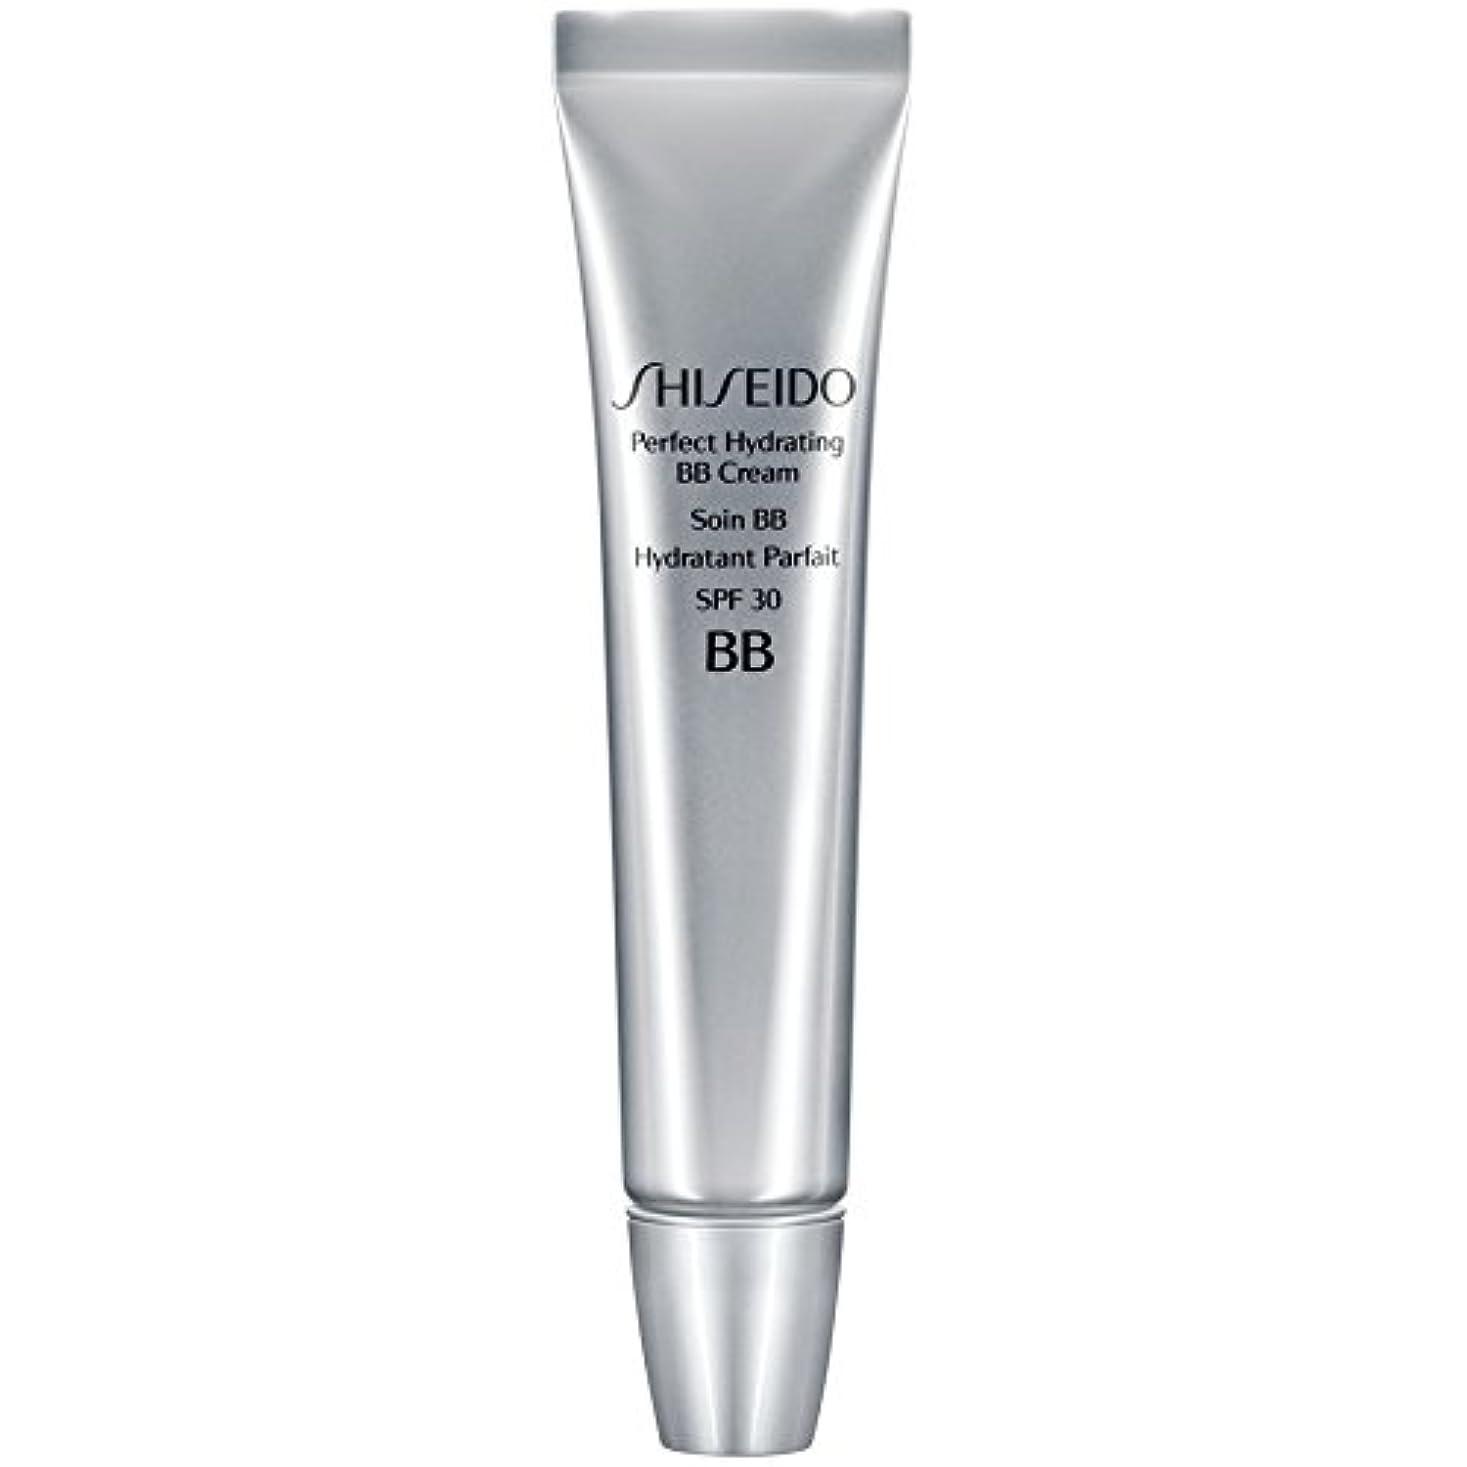 スイング住人する[Shiseido ] 資生堂完璧な水和BbクリームSpf 30 30ミリリットル媒体 - Shiseido Perfect Hydrating BB Cream SPF 30 30ml Medium [並行輸入品]